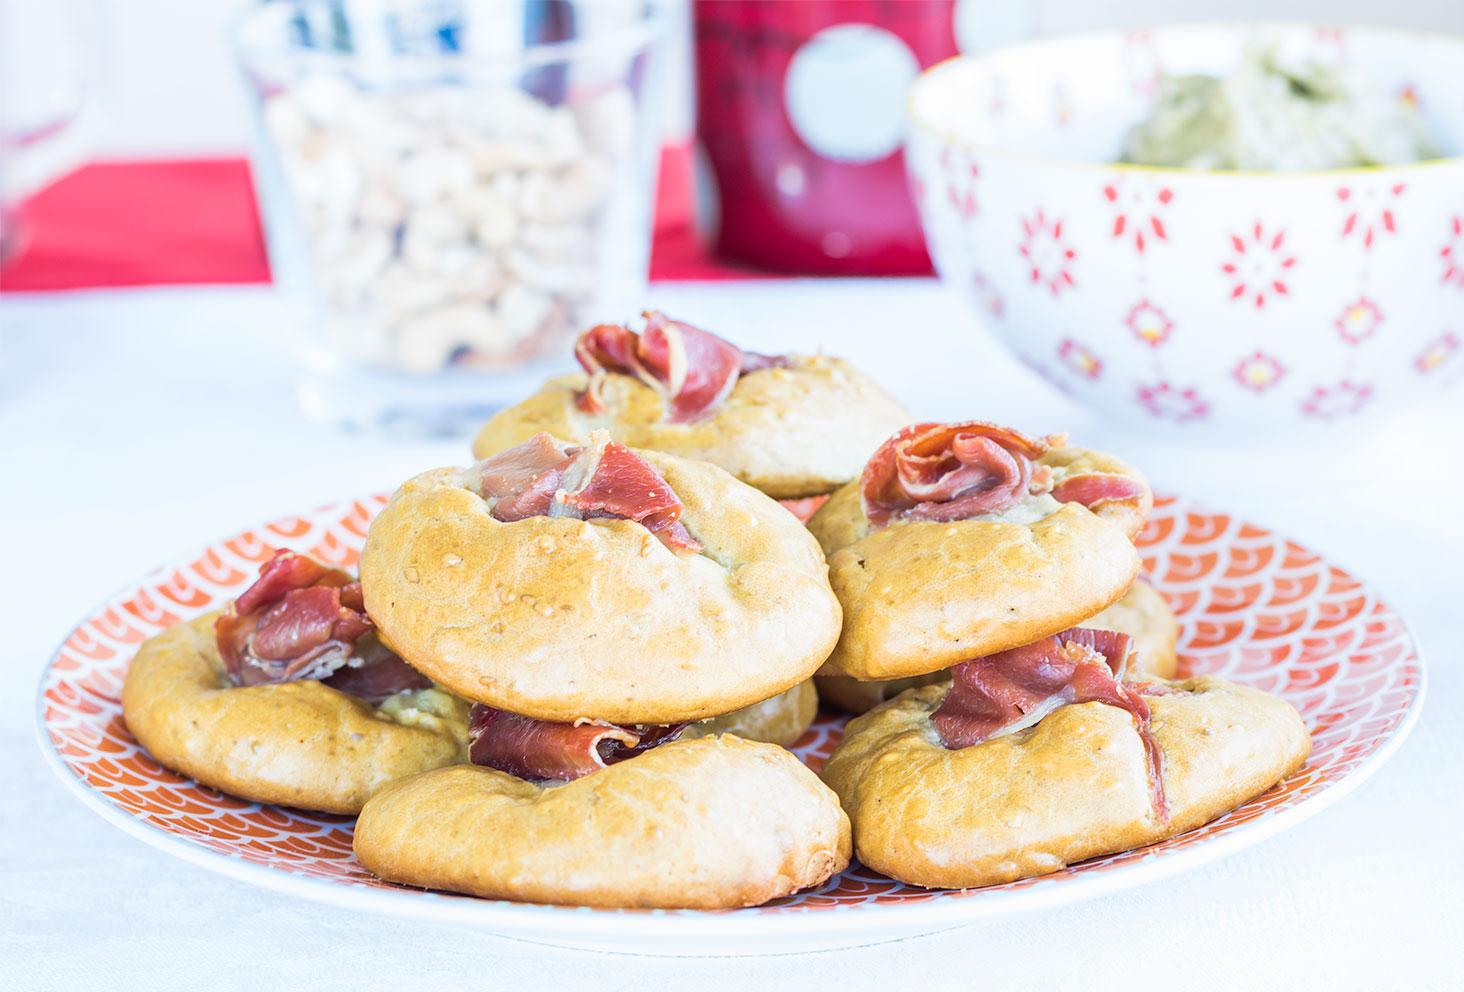 Présentation dans une assiette Zodio orange et blanche des cookies salés aux graines de sésame et jambon de parme pour les recettes apéritives de l'été